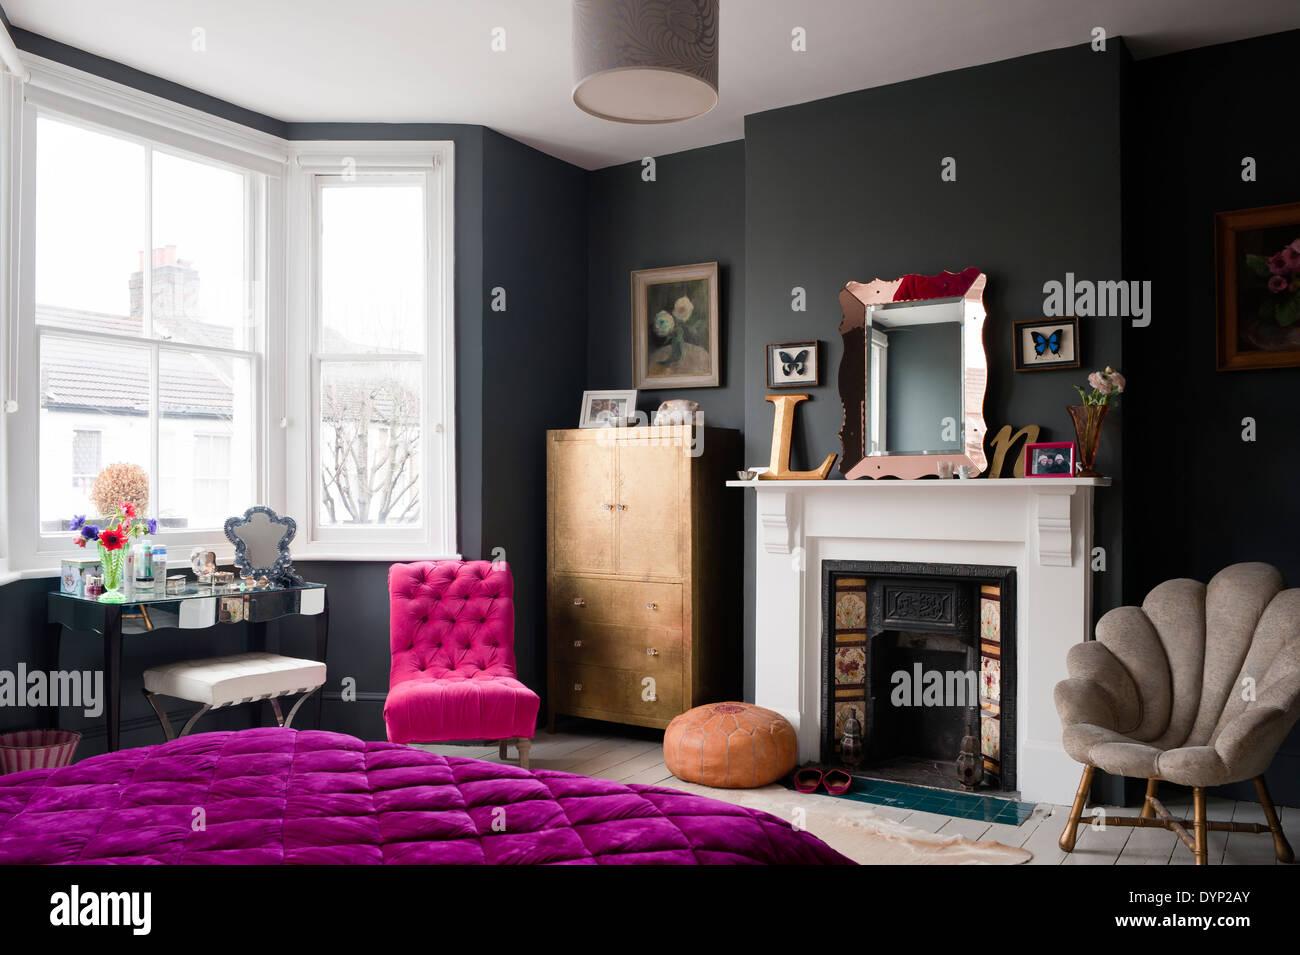 Dunklen Schlafzimmer Mit Sortierten Vintage Und Graham Und Grun Mobel Bemalt Ist Eine Lila Decke Auf Dem Bett Stockfotografie Alamy